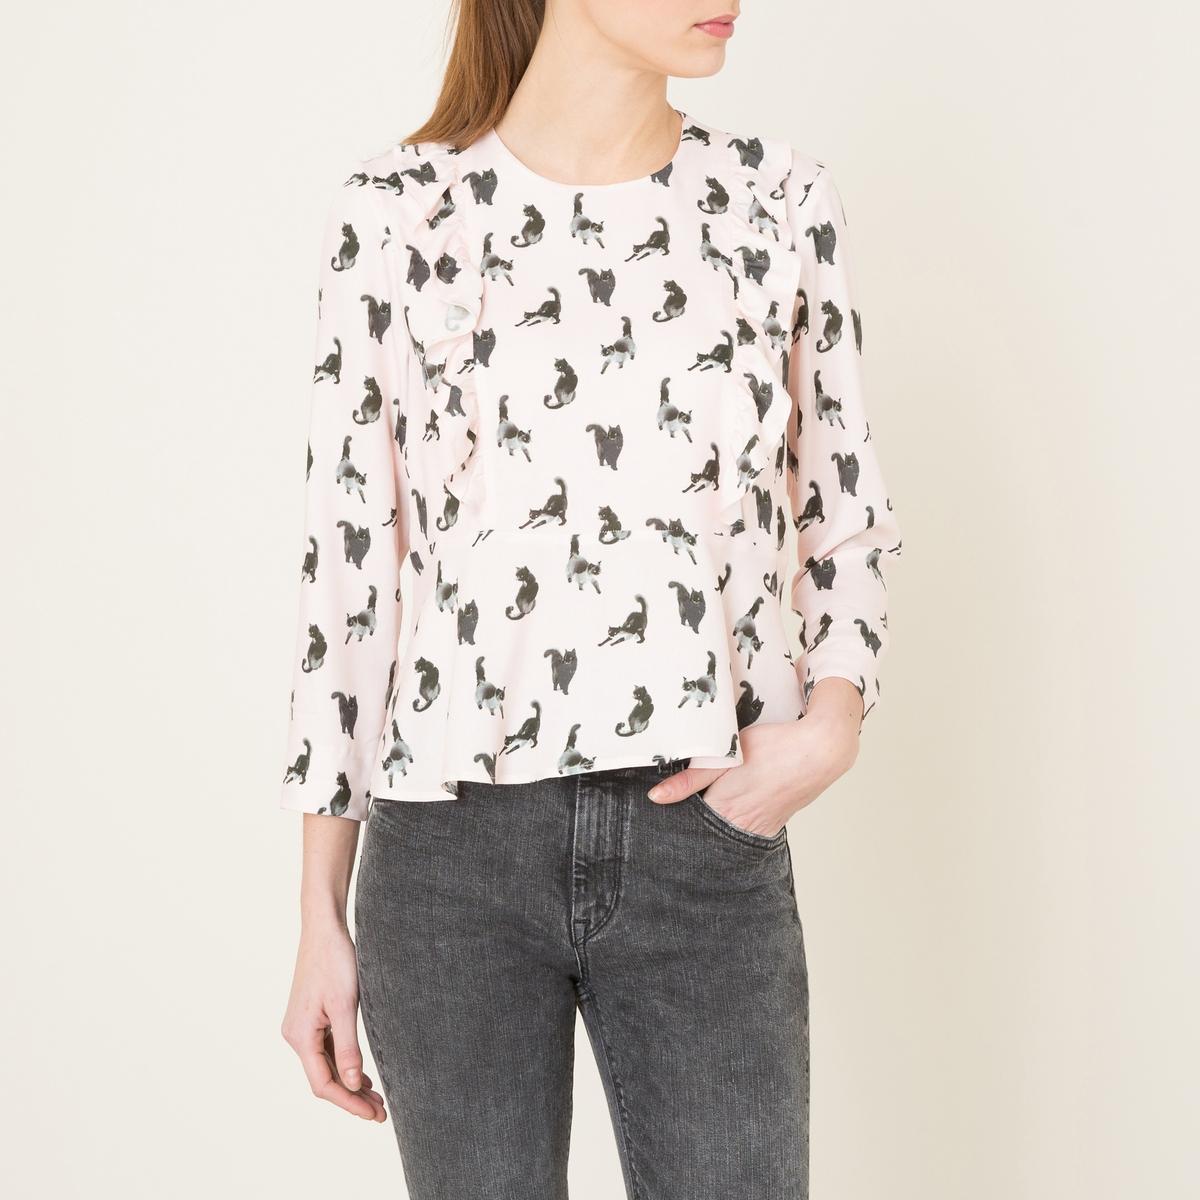 Блузка с рисунком « кошки » DEVON helen williams paul and virginia